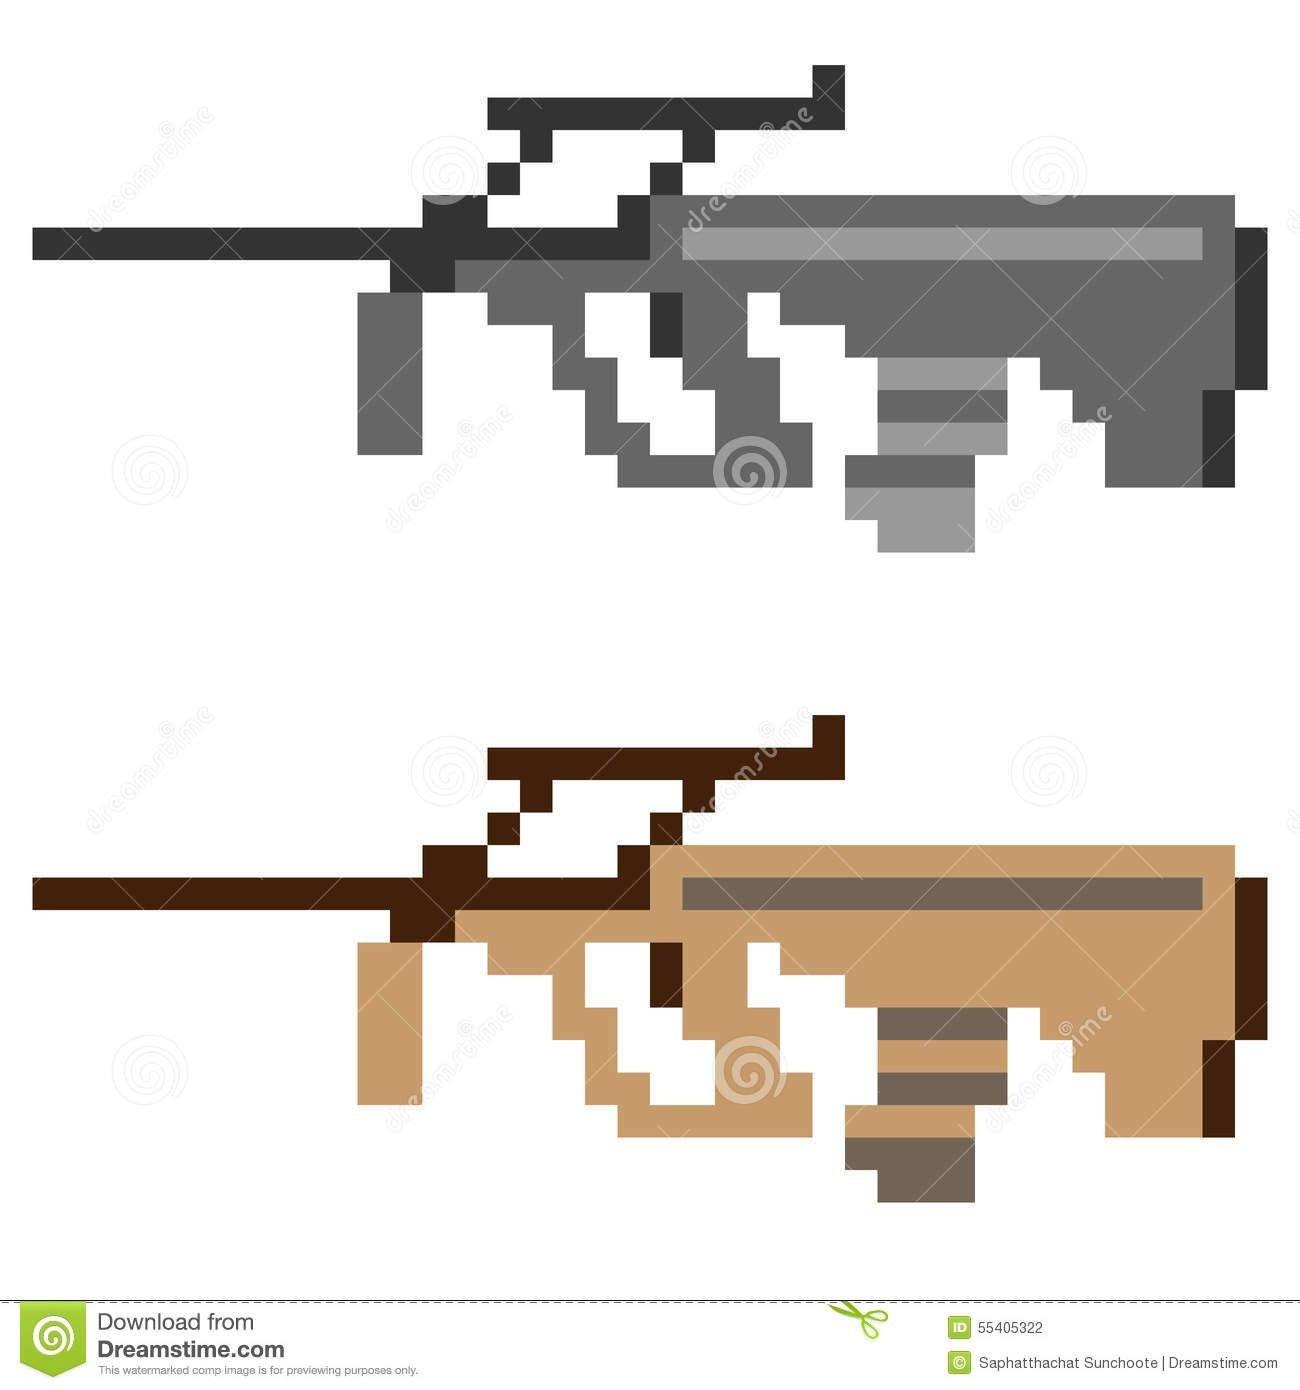 Minecraft Gun Pixel Art Illustration Pixel Art Icon Gun assault Rifle Illustration